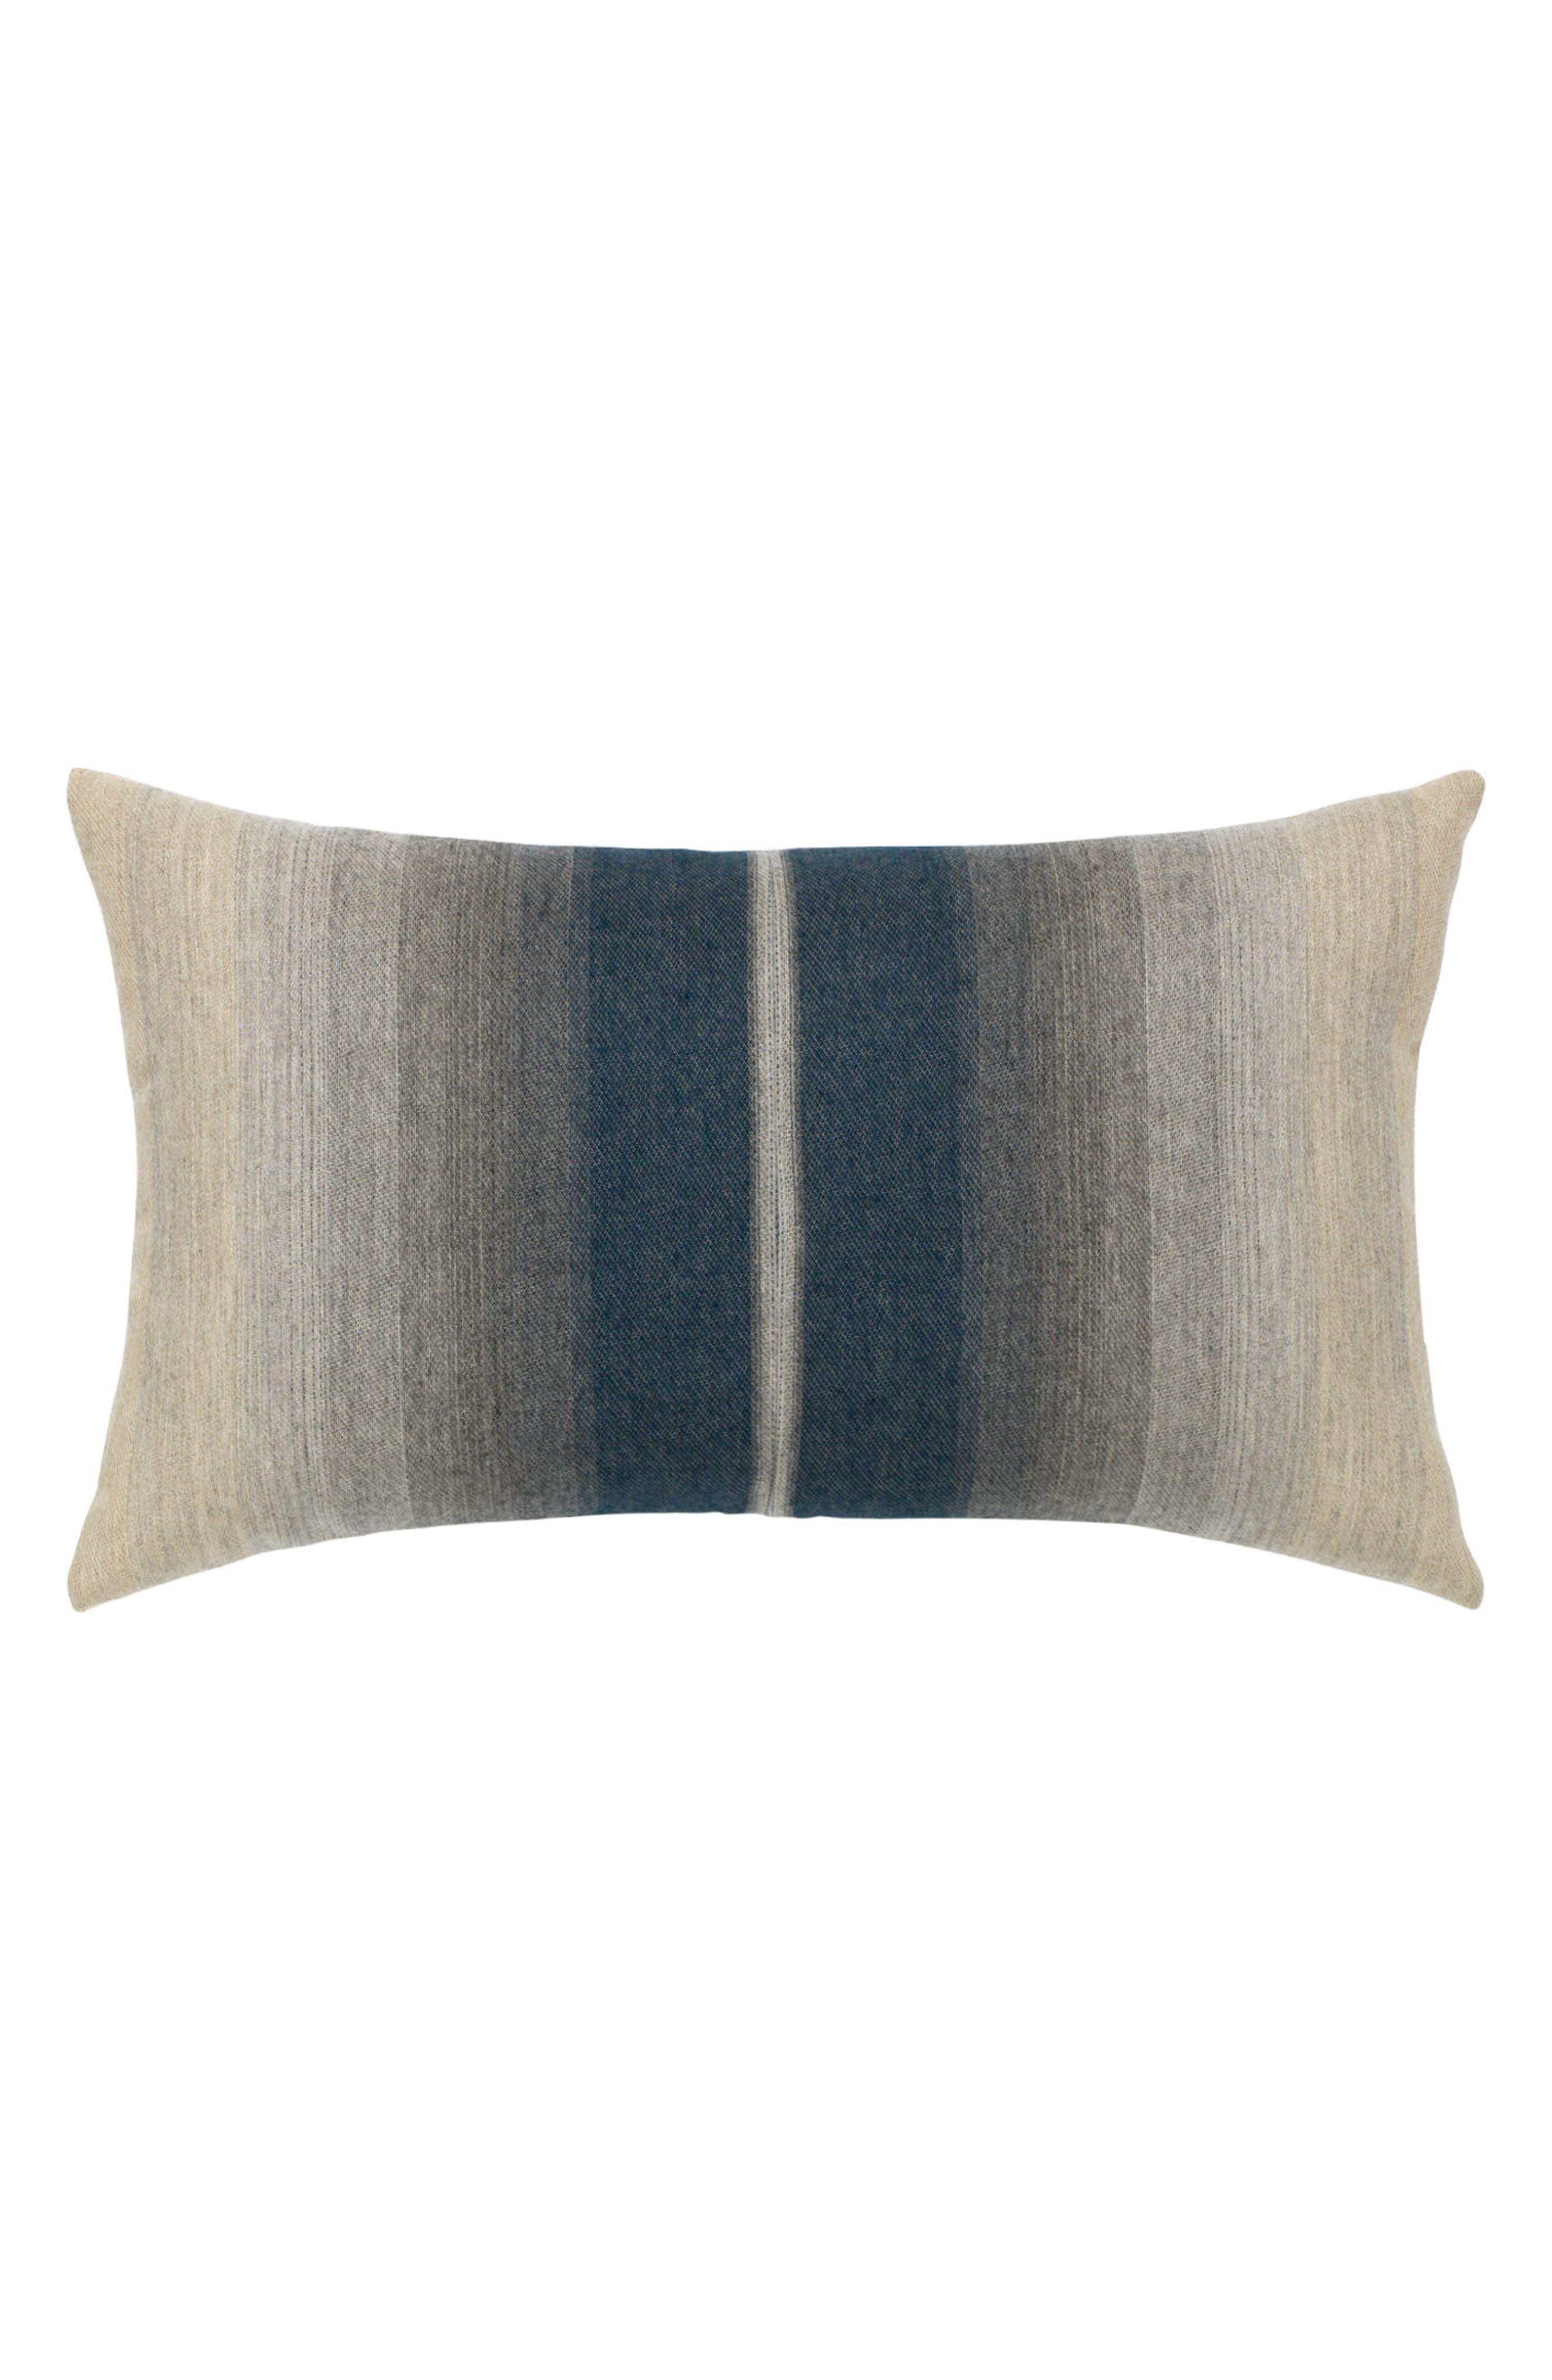 Ombré Indigo Lumbar Pillow,                             Main thumbnail 1, color,                             BLUE/ GREY